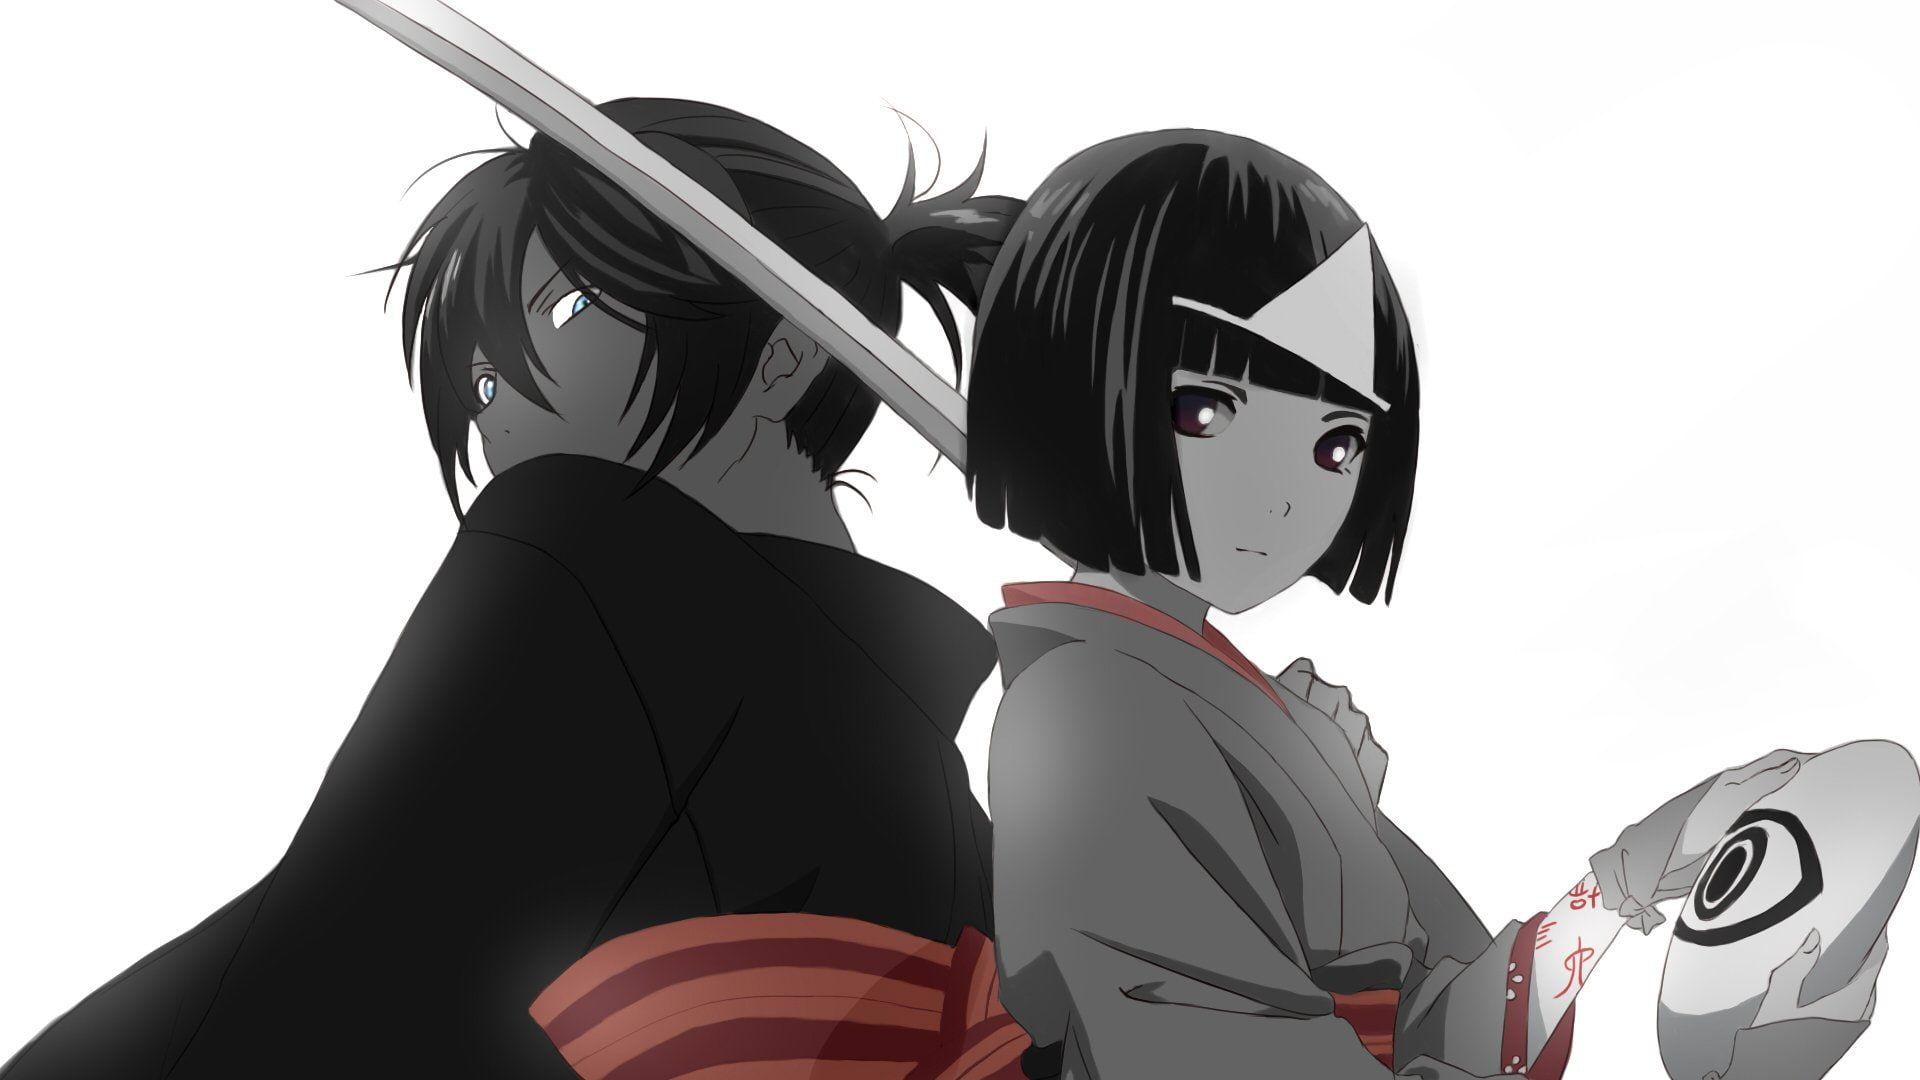 Anime Noragami Nora (Noragami) Yato (Noragami) 1080P